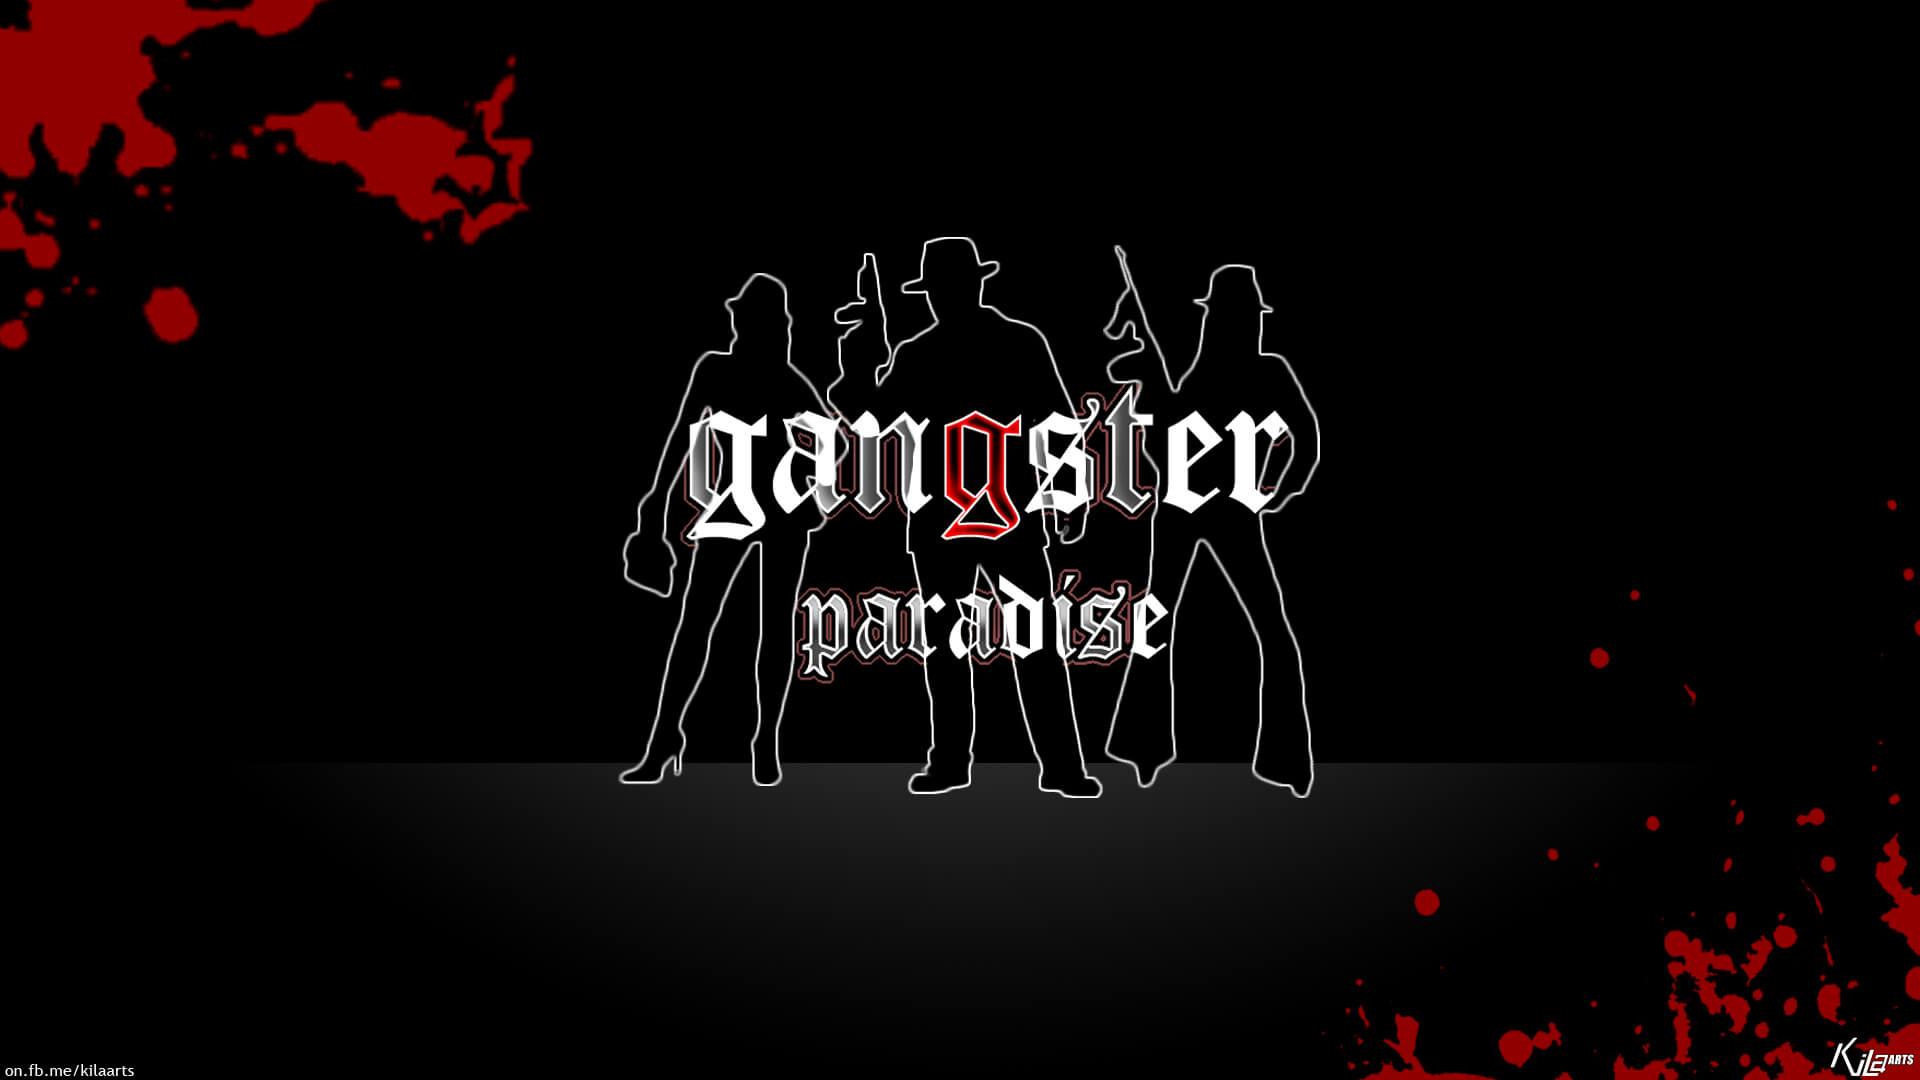 fantastic gangsters background